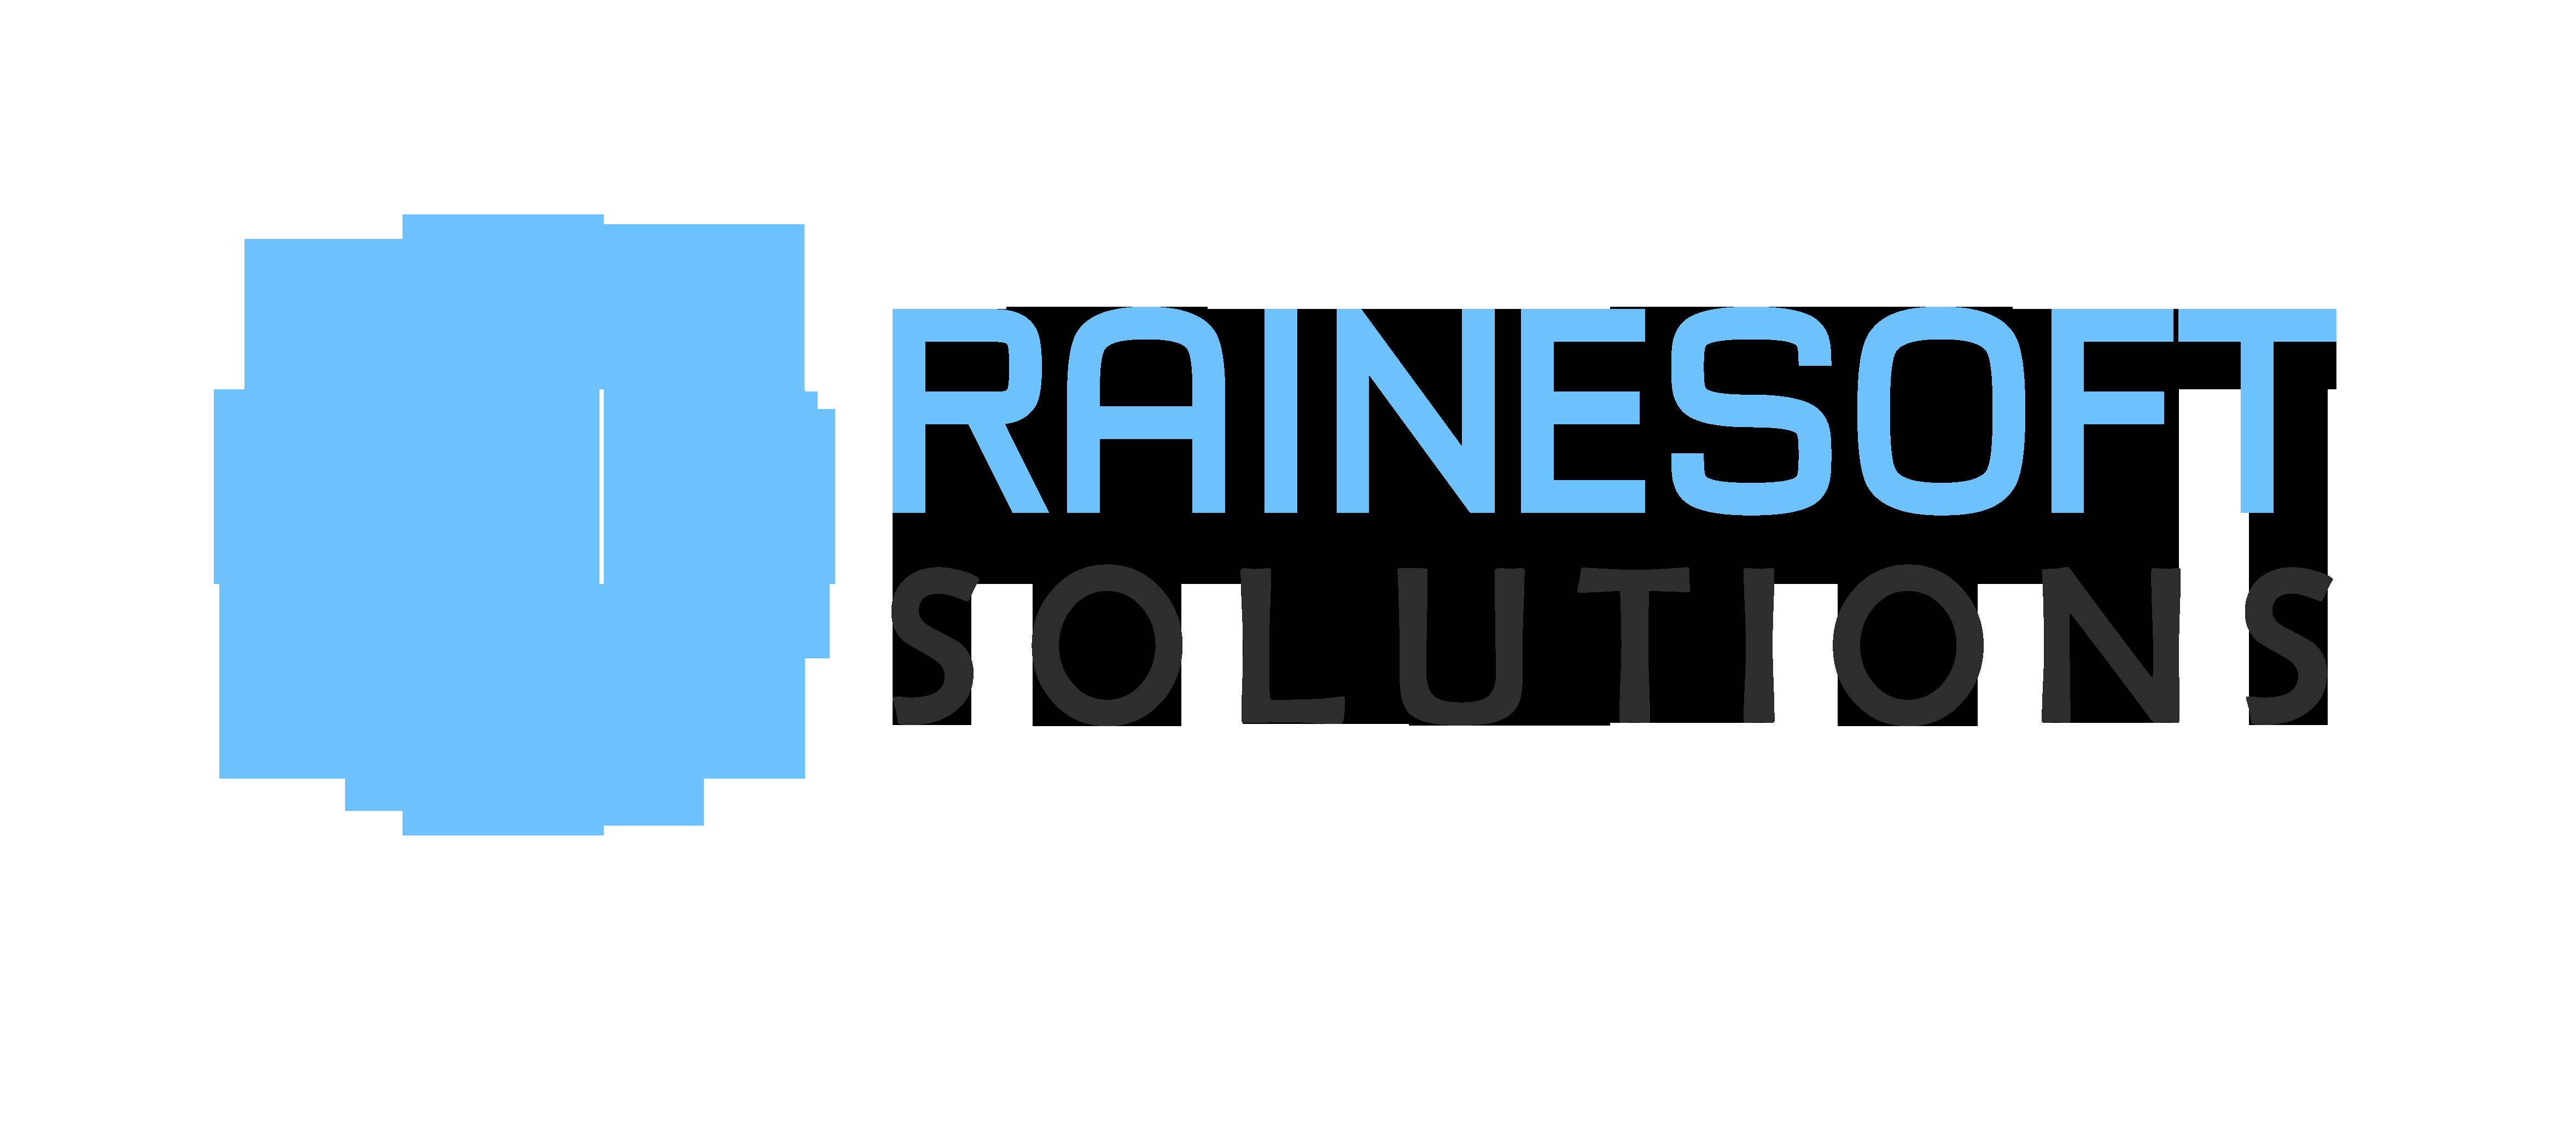 Rainesoft Solutions